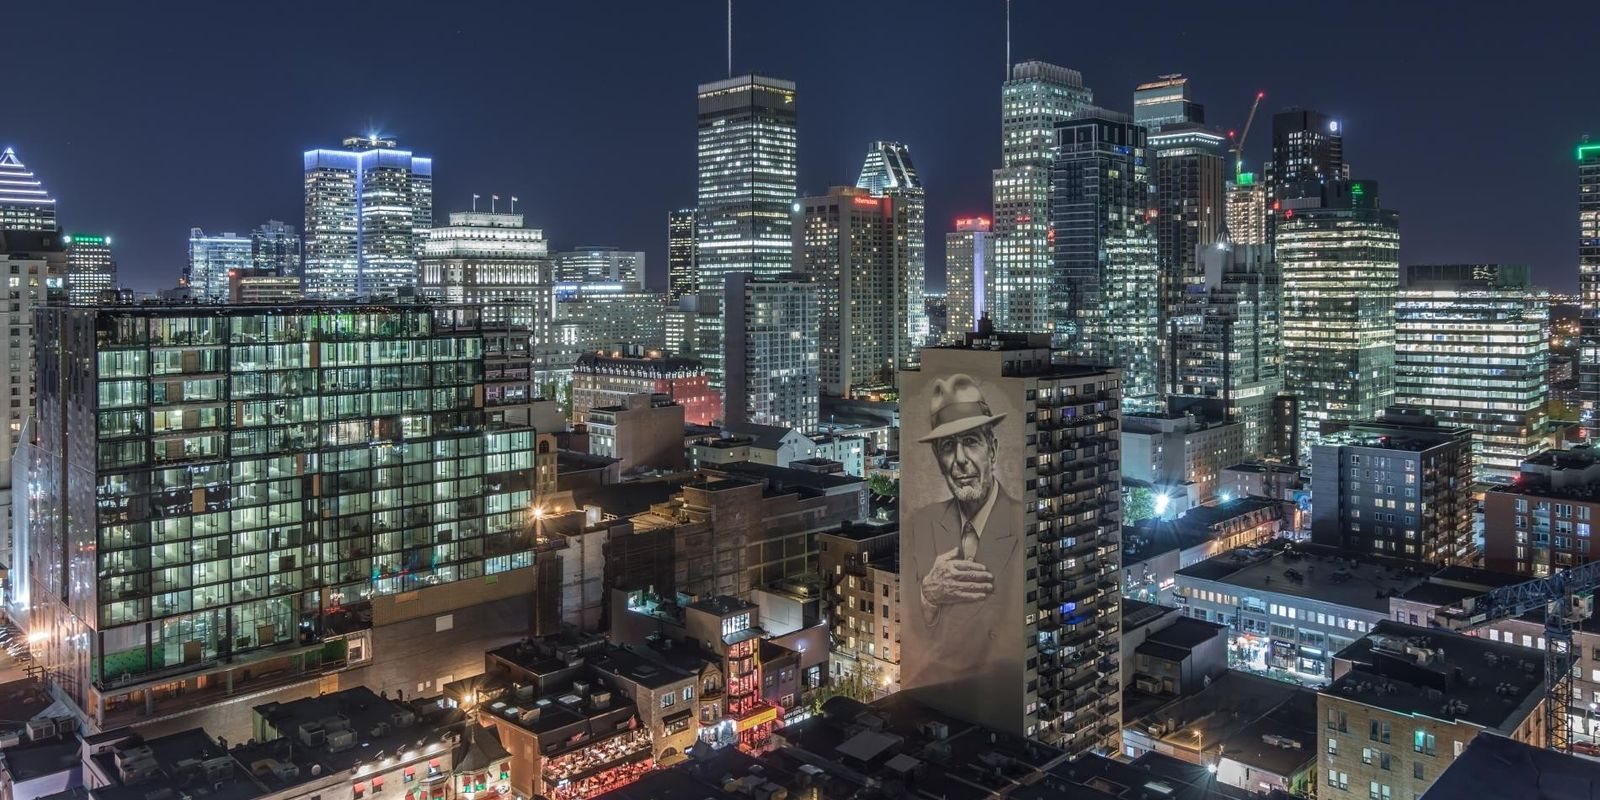 Auf versteckten Pfaden durch das Montreal von gestern und heute